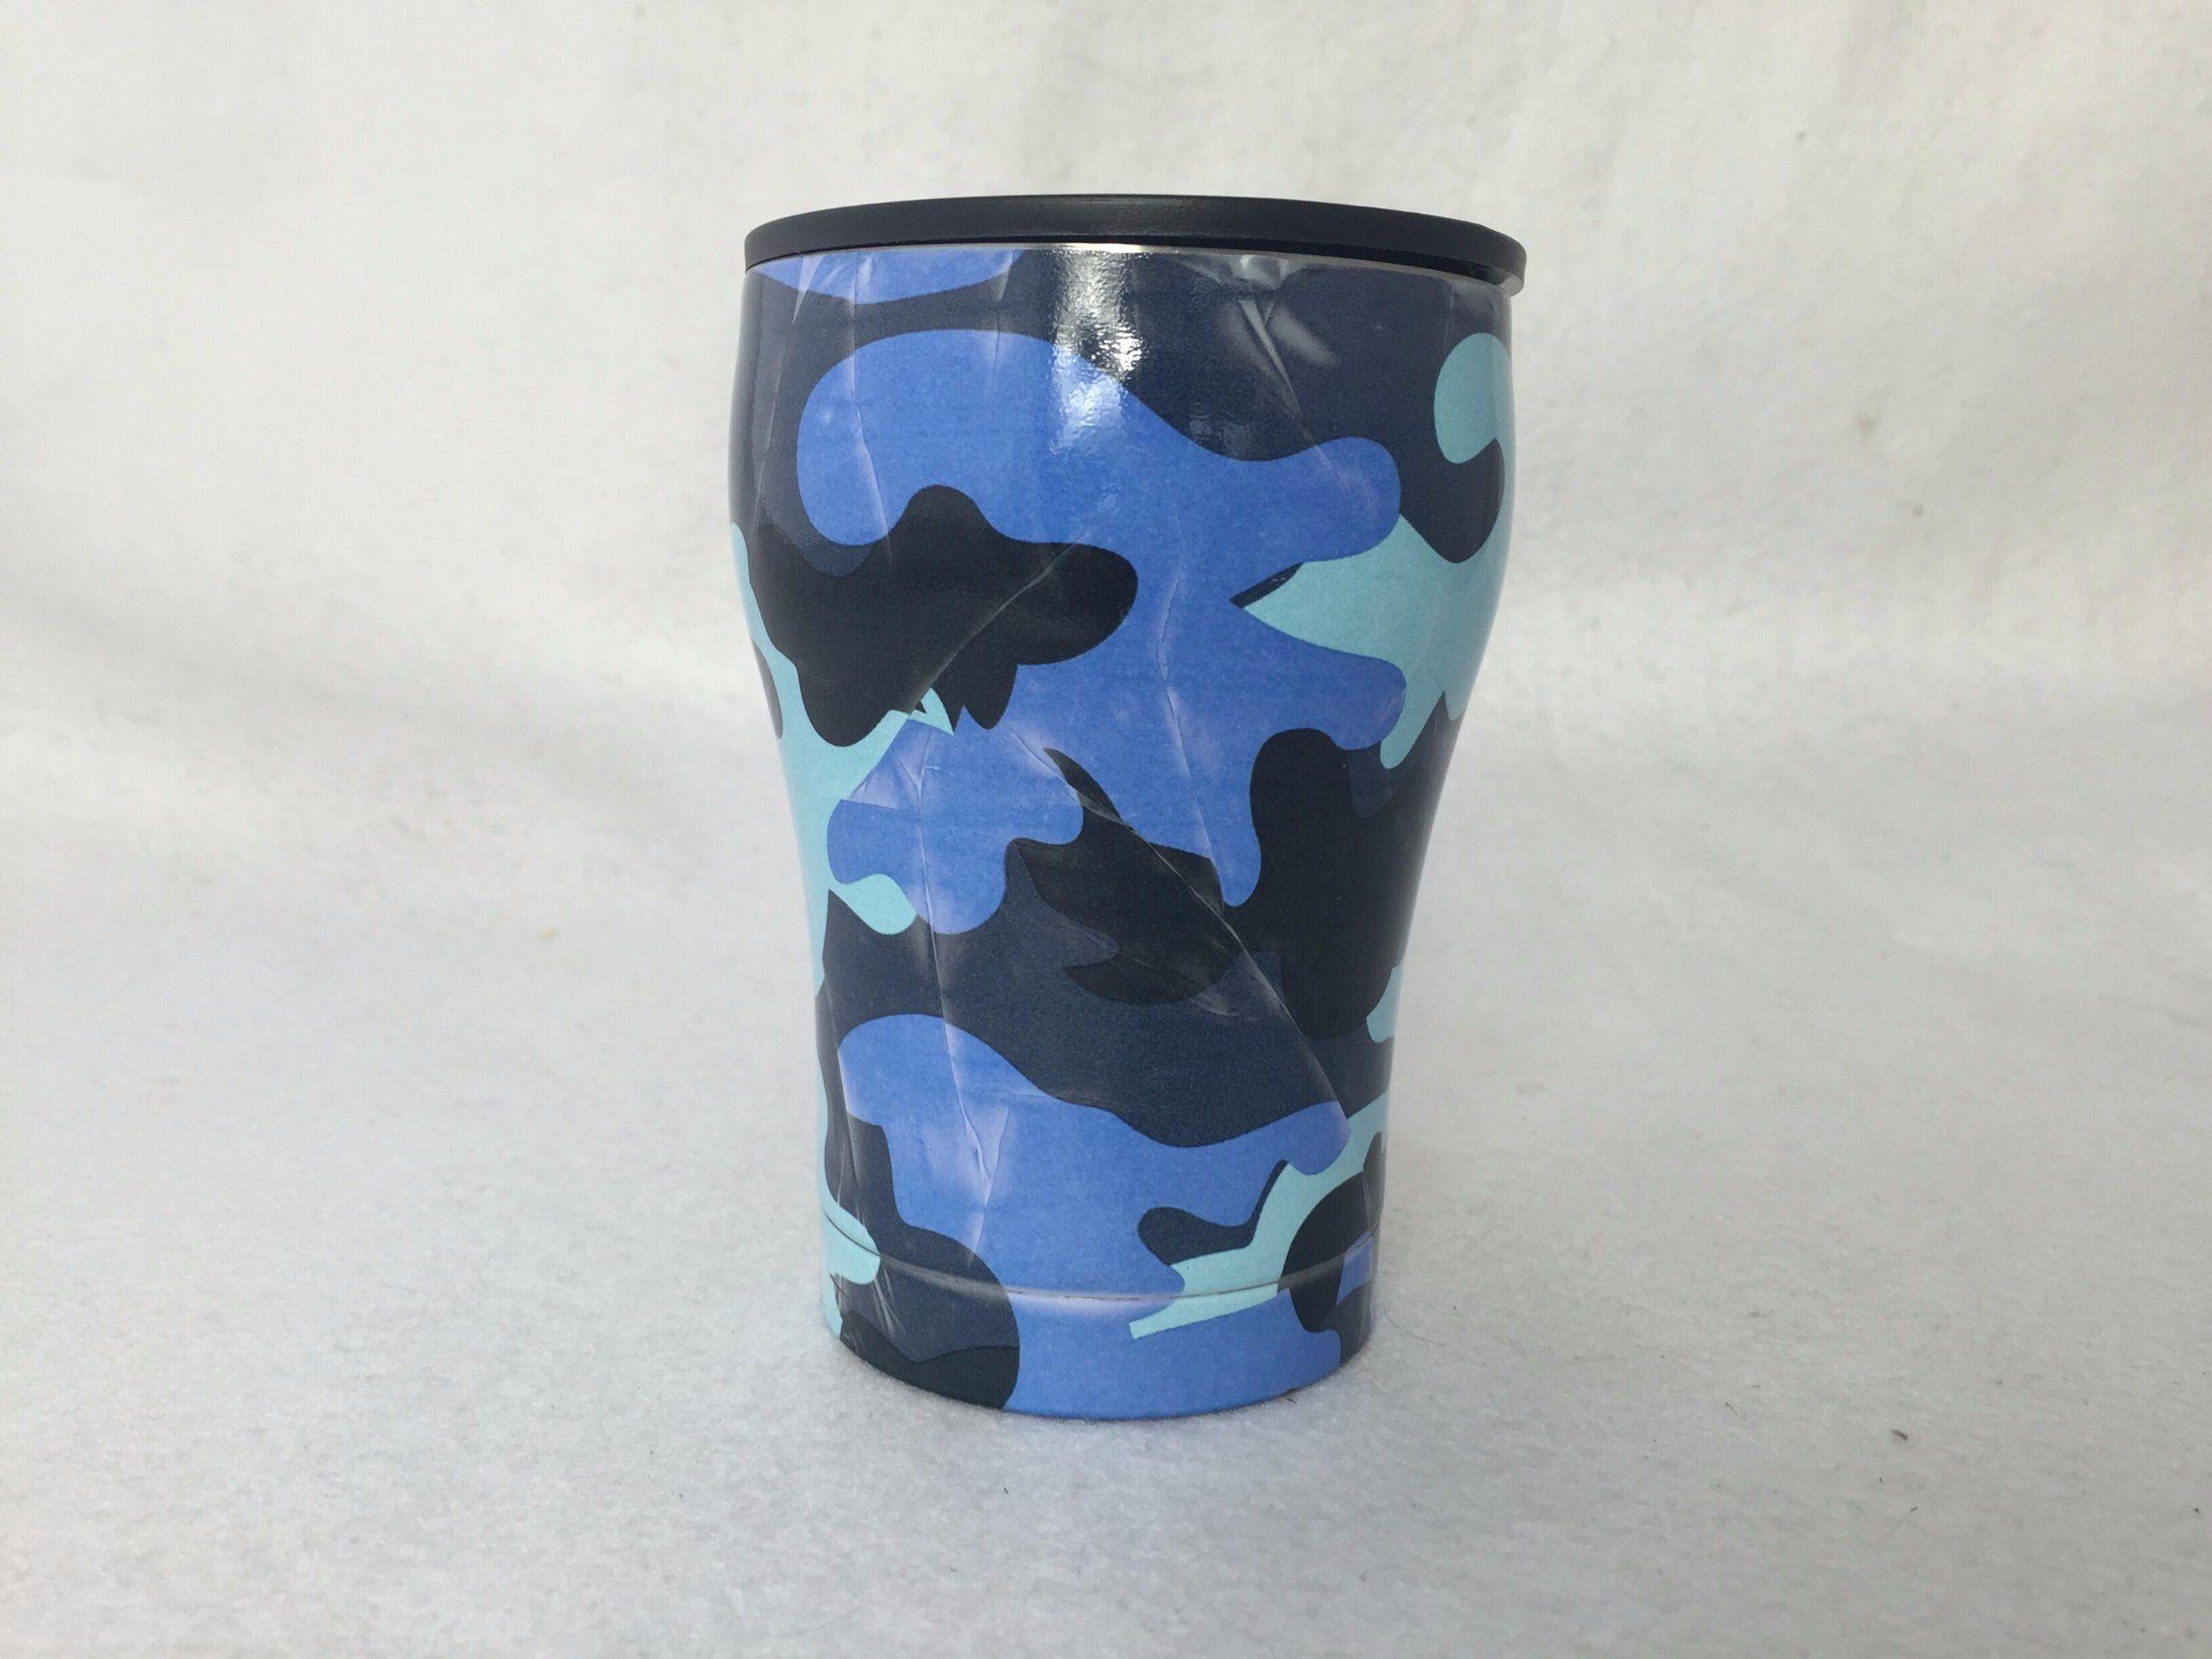 12oz Wood Grain Tumbler Stainless Steel Coffee Mug Beer Cup Travel Cups